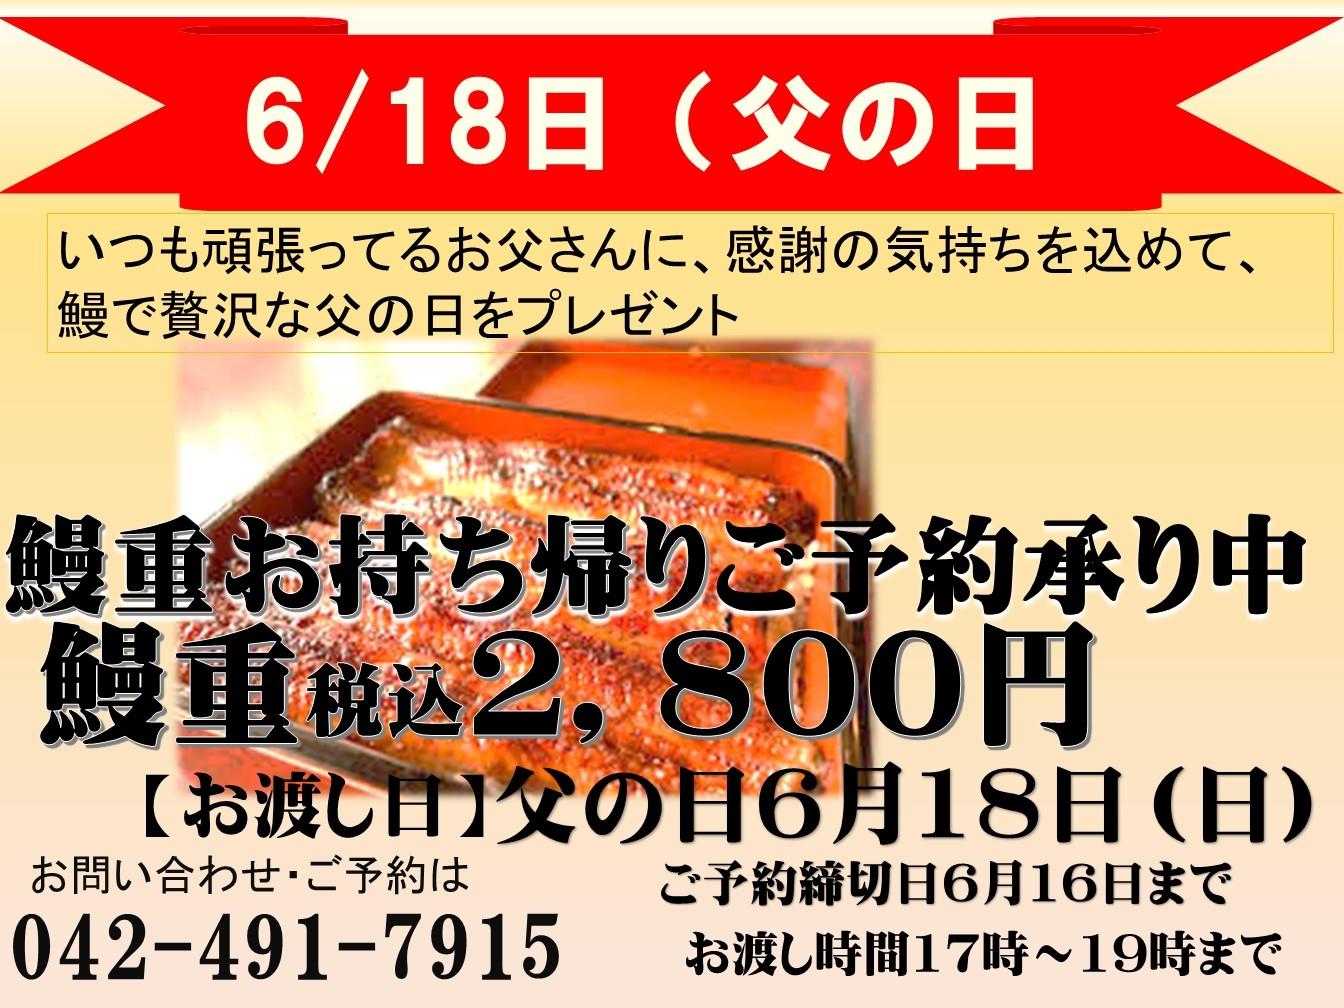 0000471655.jpg